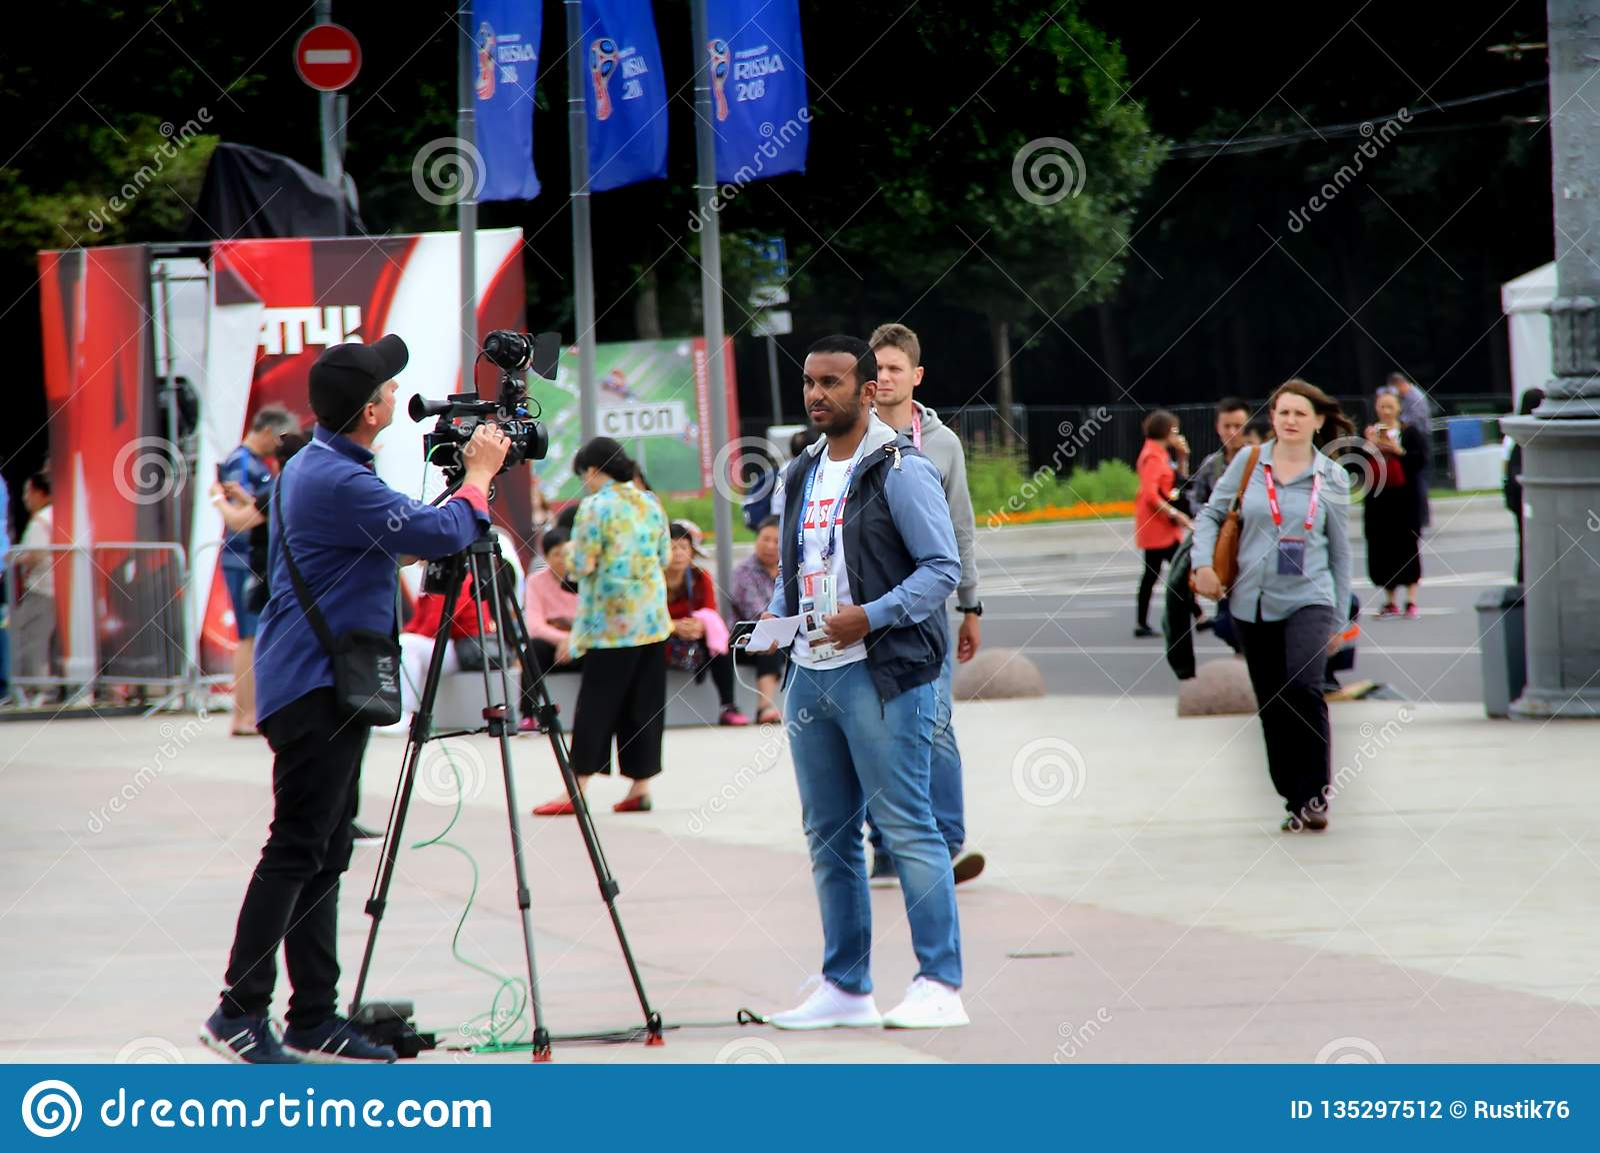 Fremde Reporter bereiten sich für einen Bericht vor